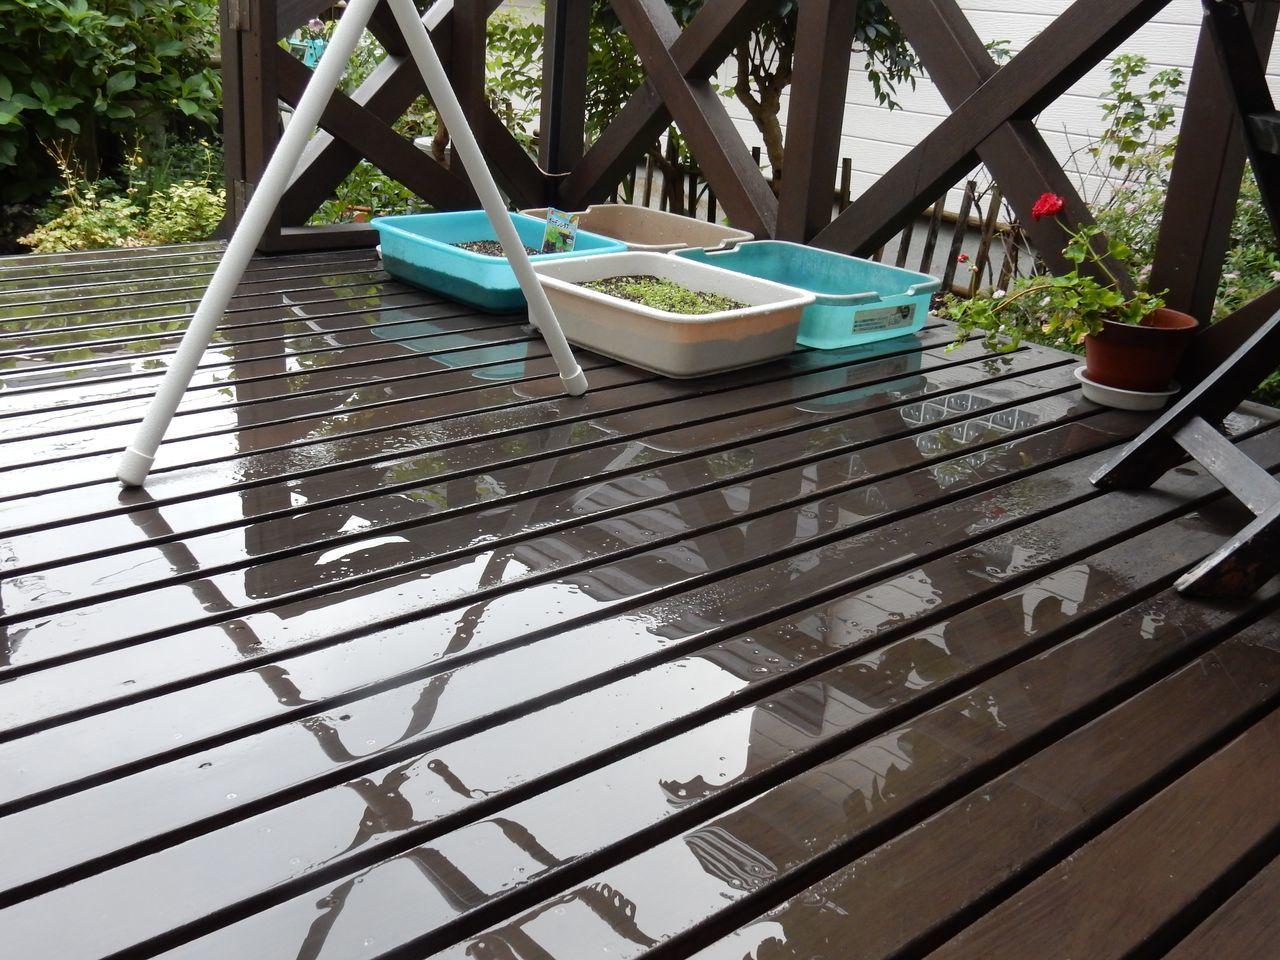 雨でしたが、穏やかな雨でとても50年に一度というようなものではありません_c0025115_22245962.jpg